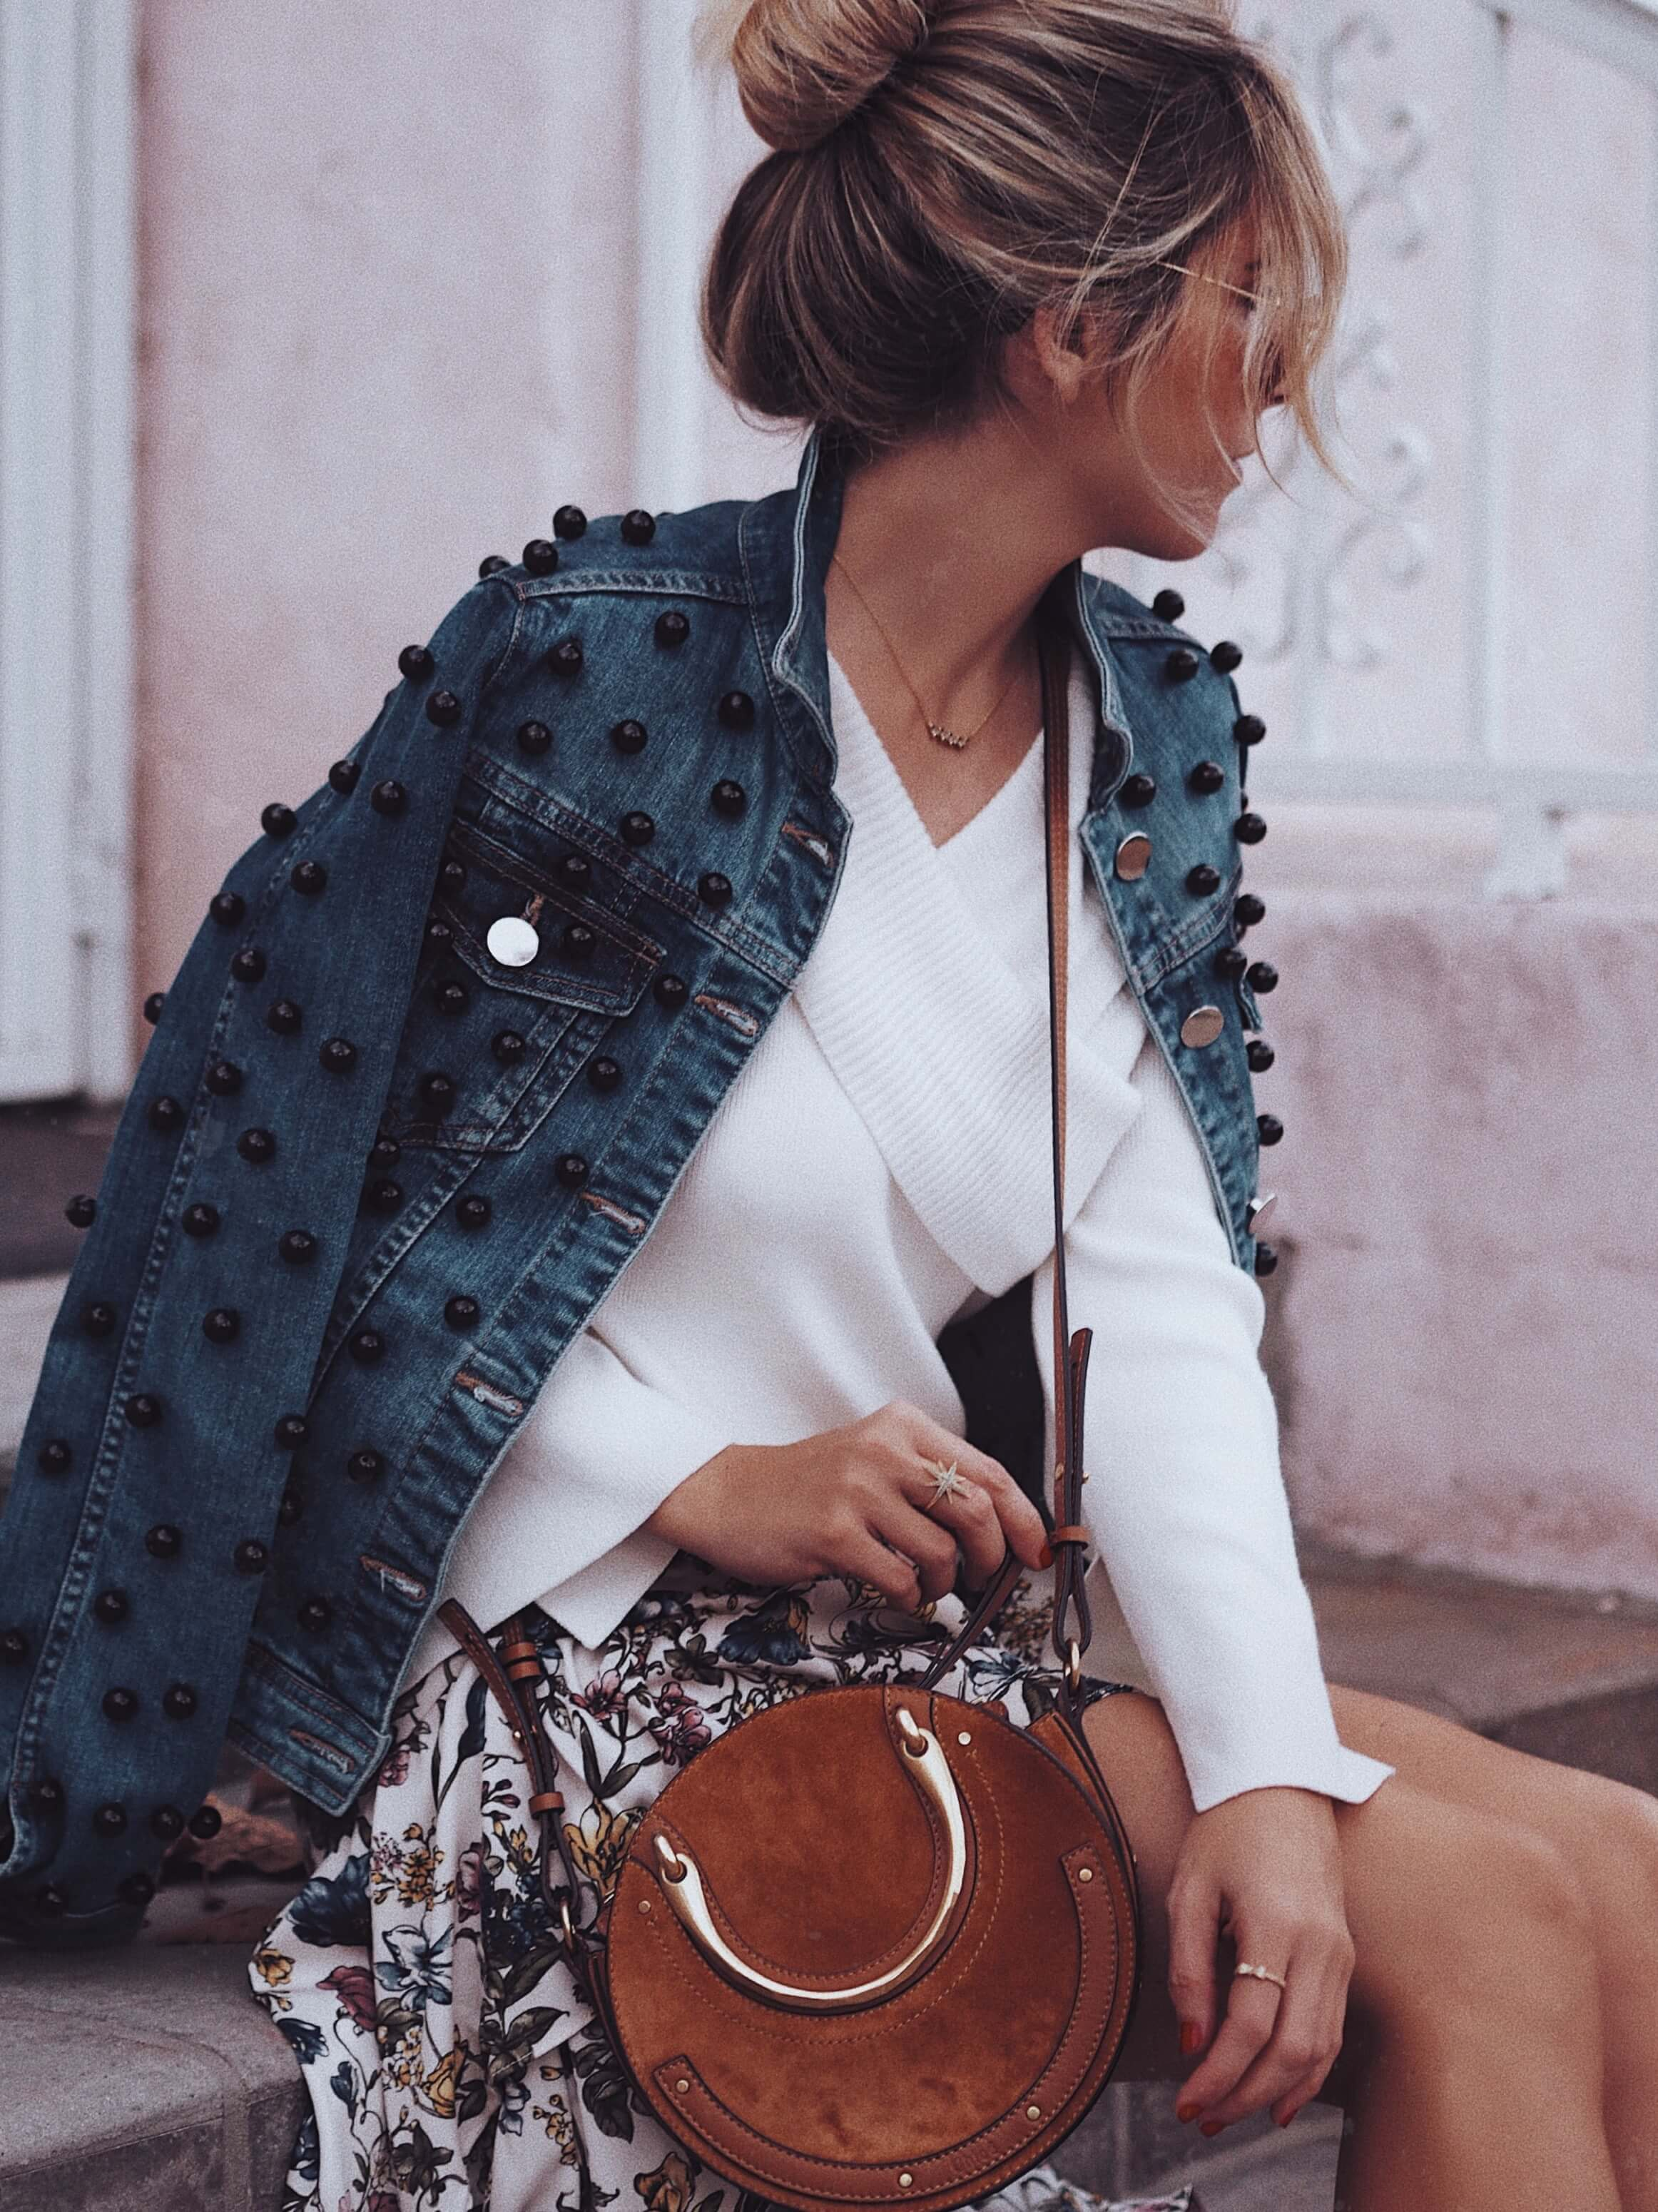 casual-chic-style-in-la-fashion-blogger-california